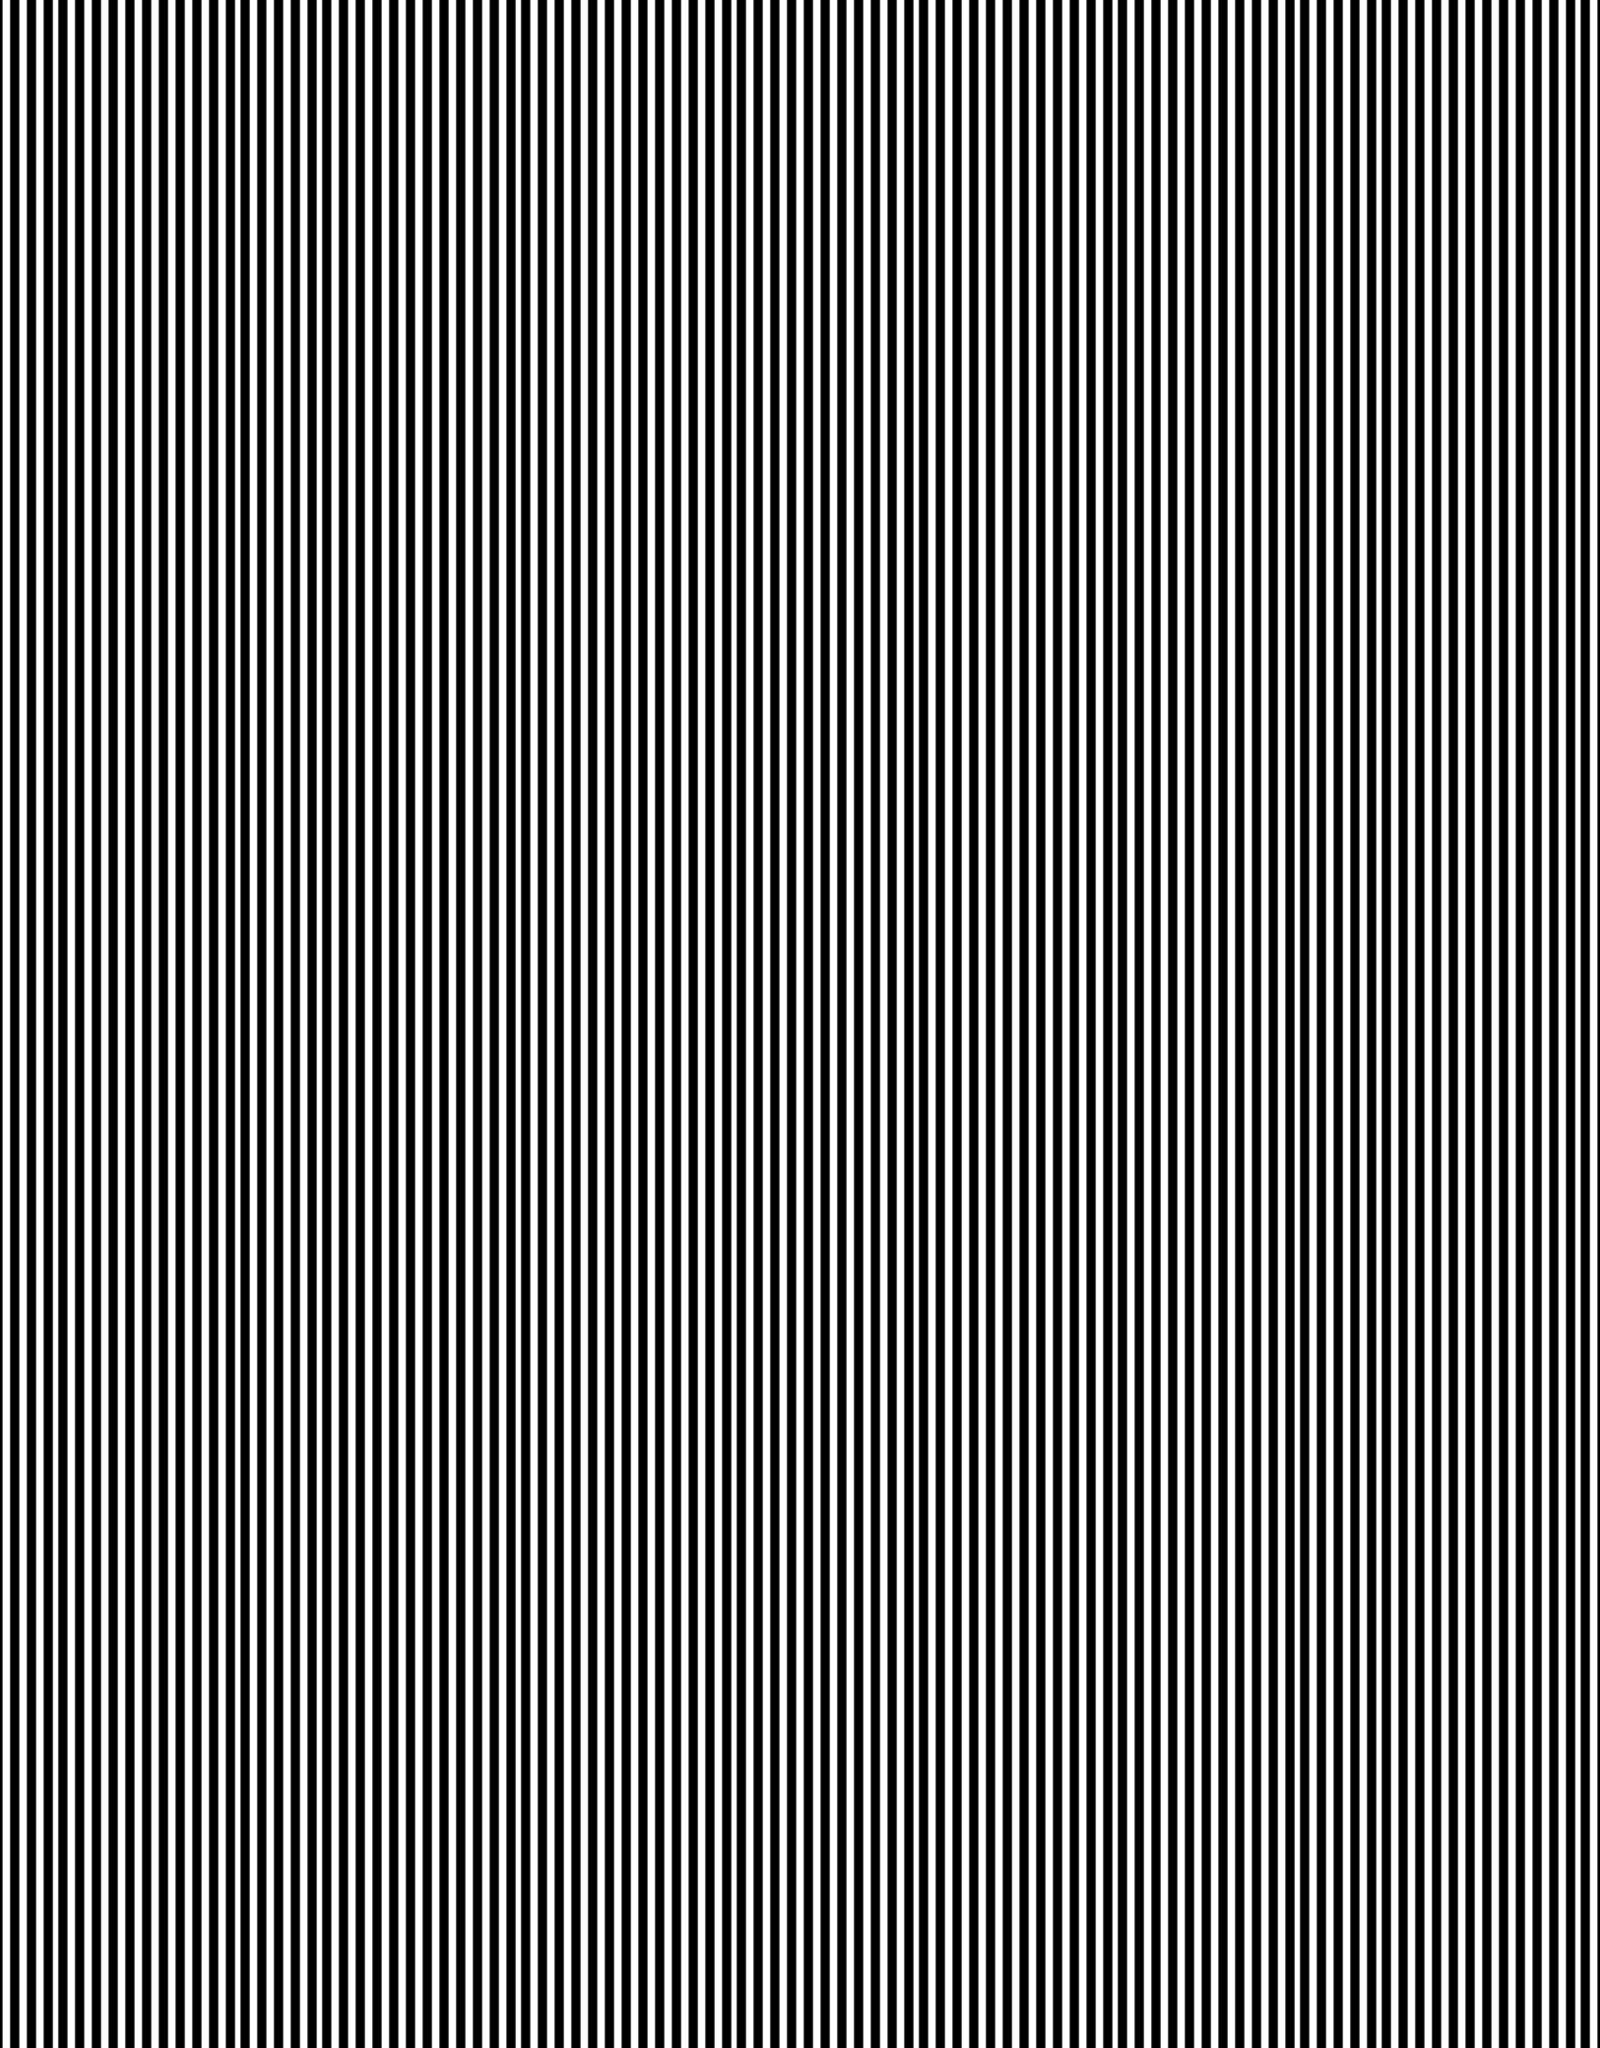 Boordstof Gestreept 1mm - Zwart/Wit